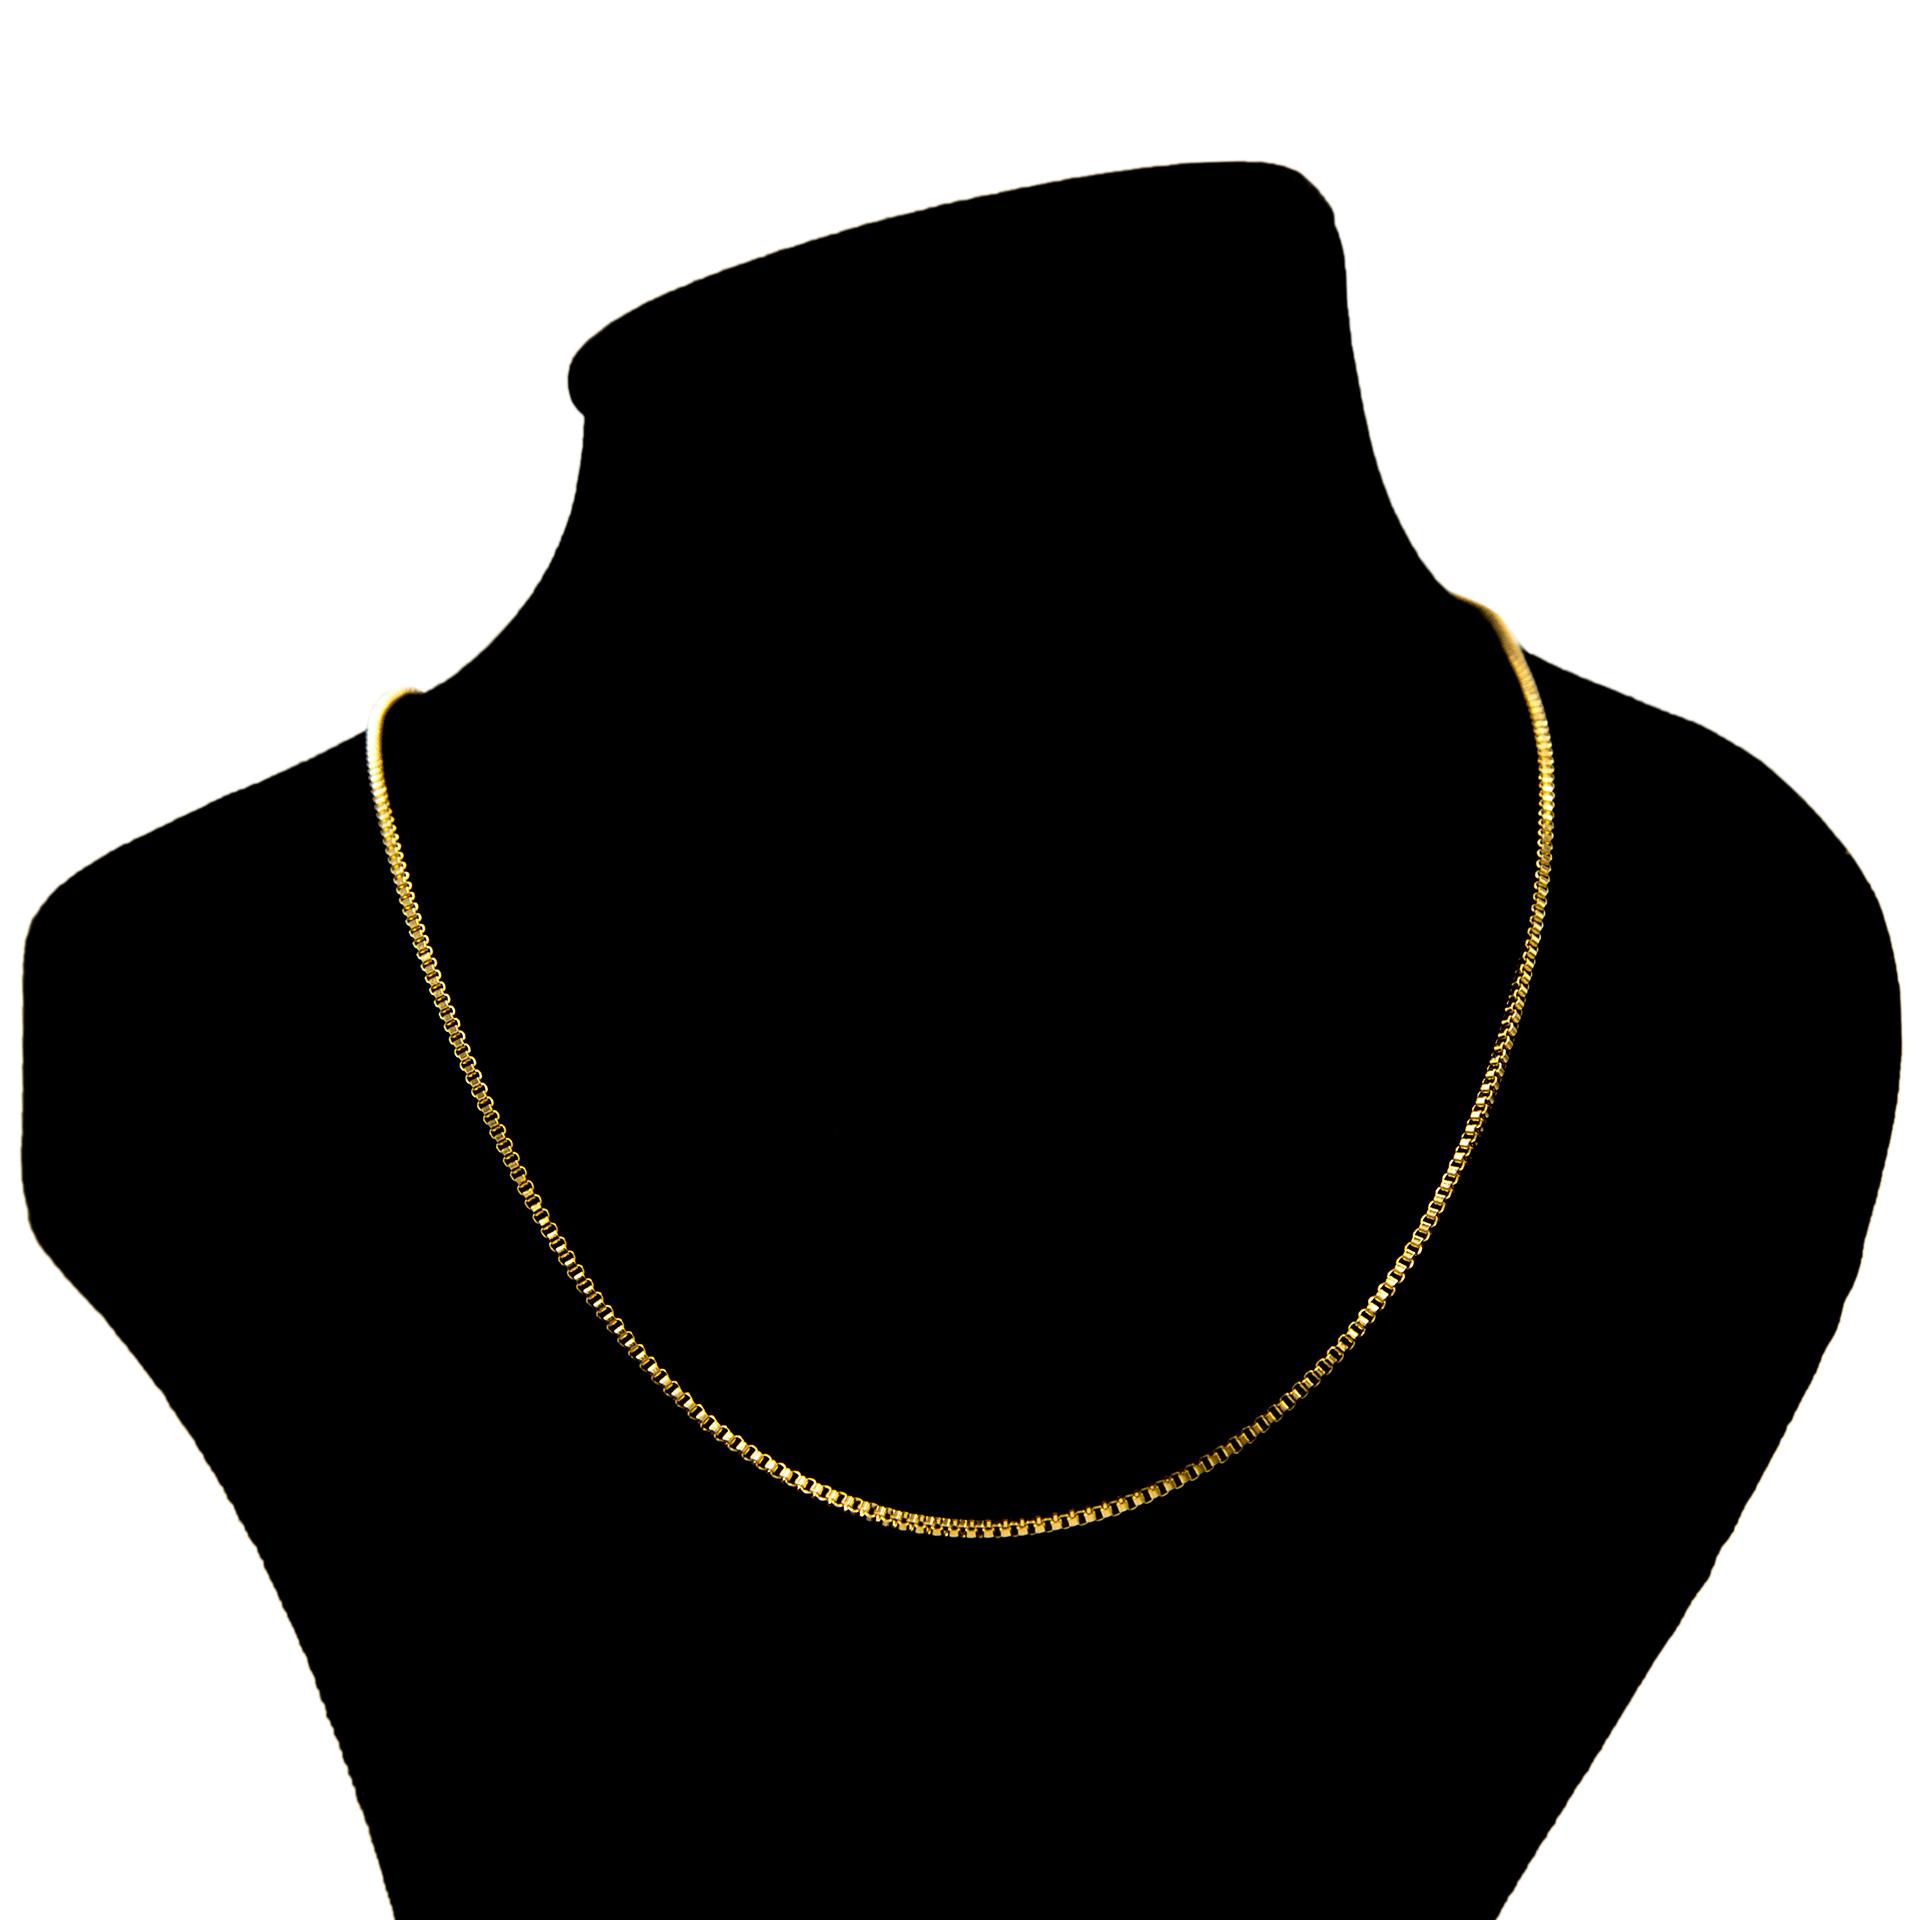 زنجیر بهارگالری مدل Venetian Chains کد 45